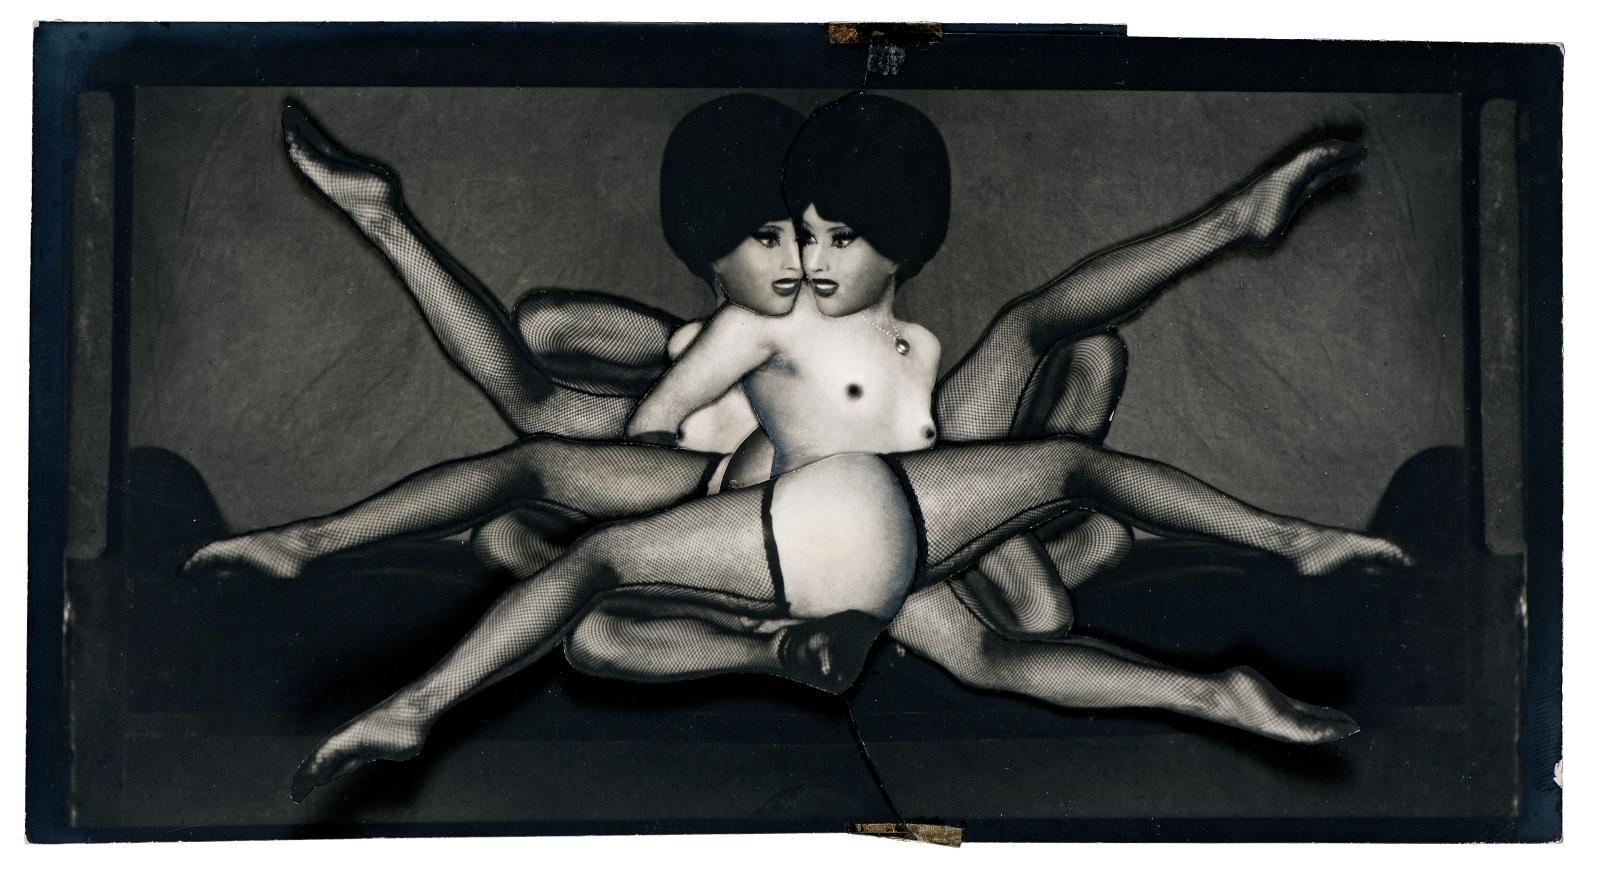 Les Jeux - Collage original finalisé, 1965, collage du photomontage de la planche28 du Chaman et ses créatures, composé de deux tirages sur Agfa doux